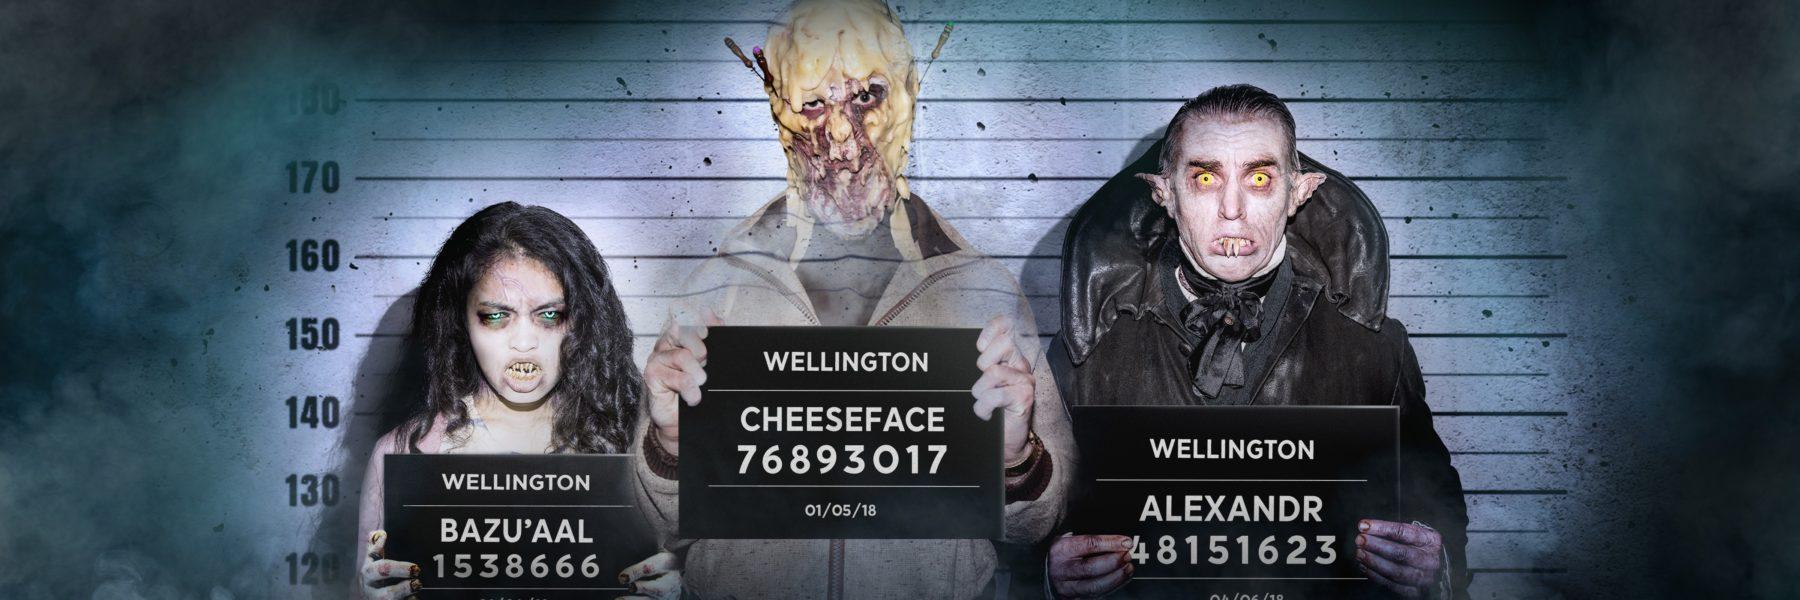 Wellington Paranormal, serie spinoff de What We Do in the Shadows, debuta tráiler en TVNZ